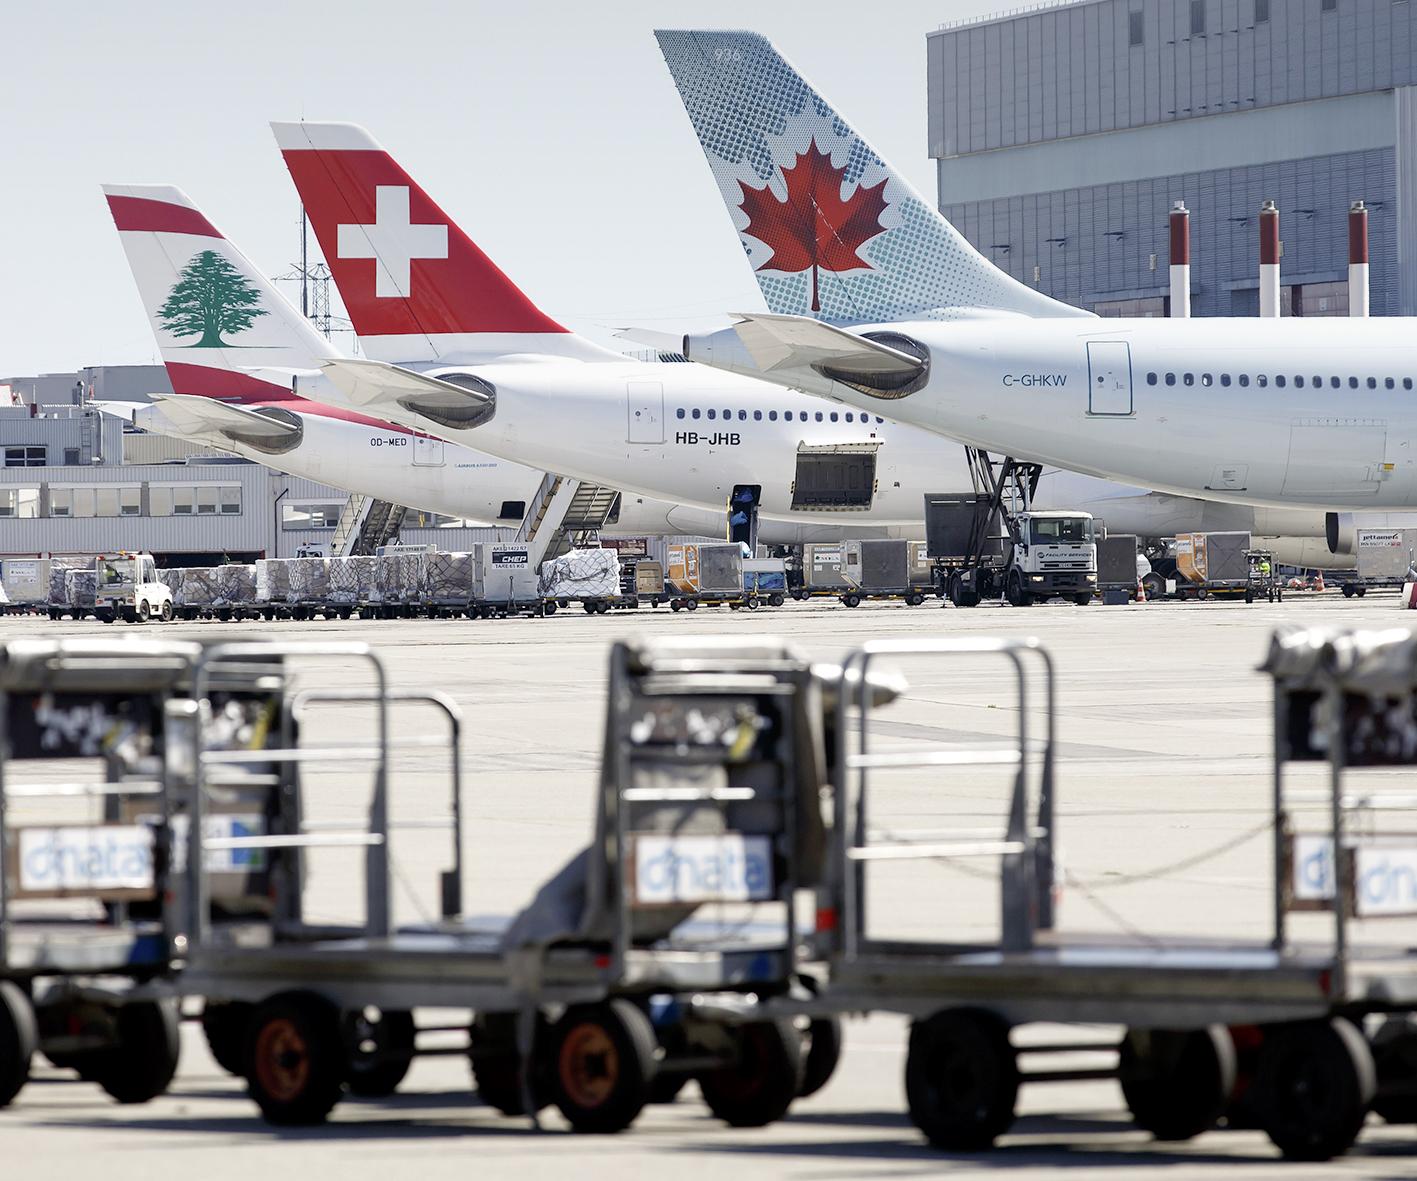 Hotel Pres Aeroport Geneve